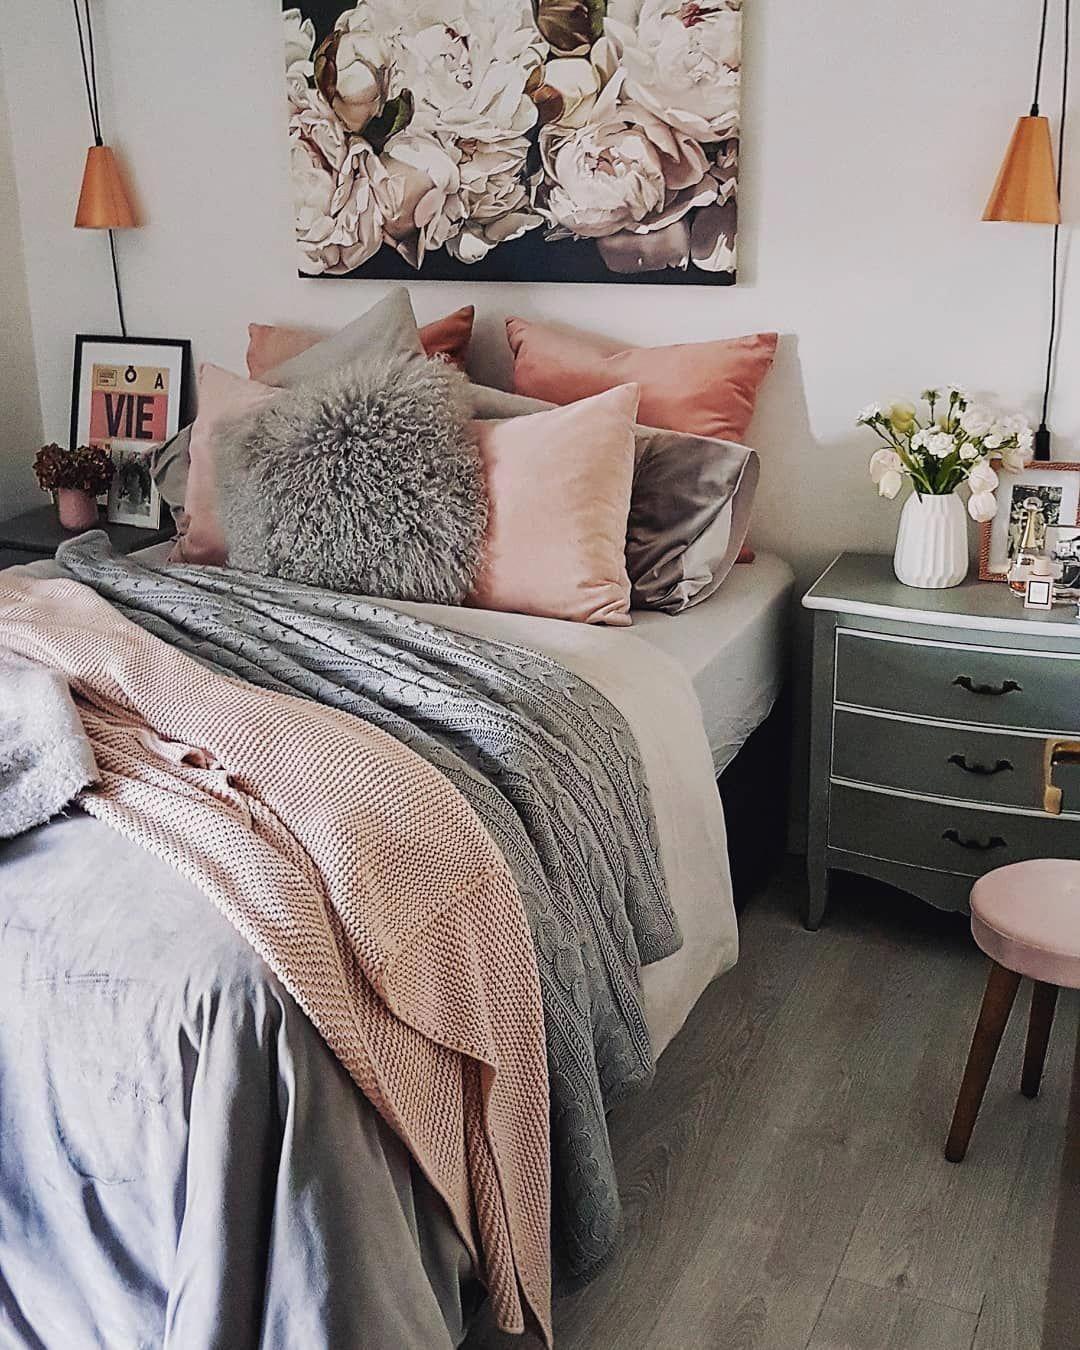 Interior Decoration Of Bedroom Help Me Decorate My Bedroom